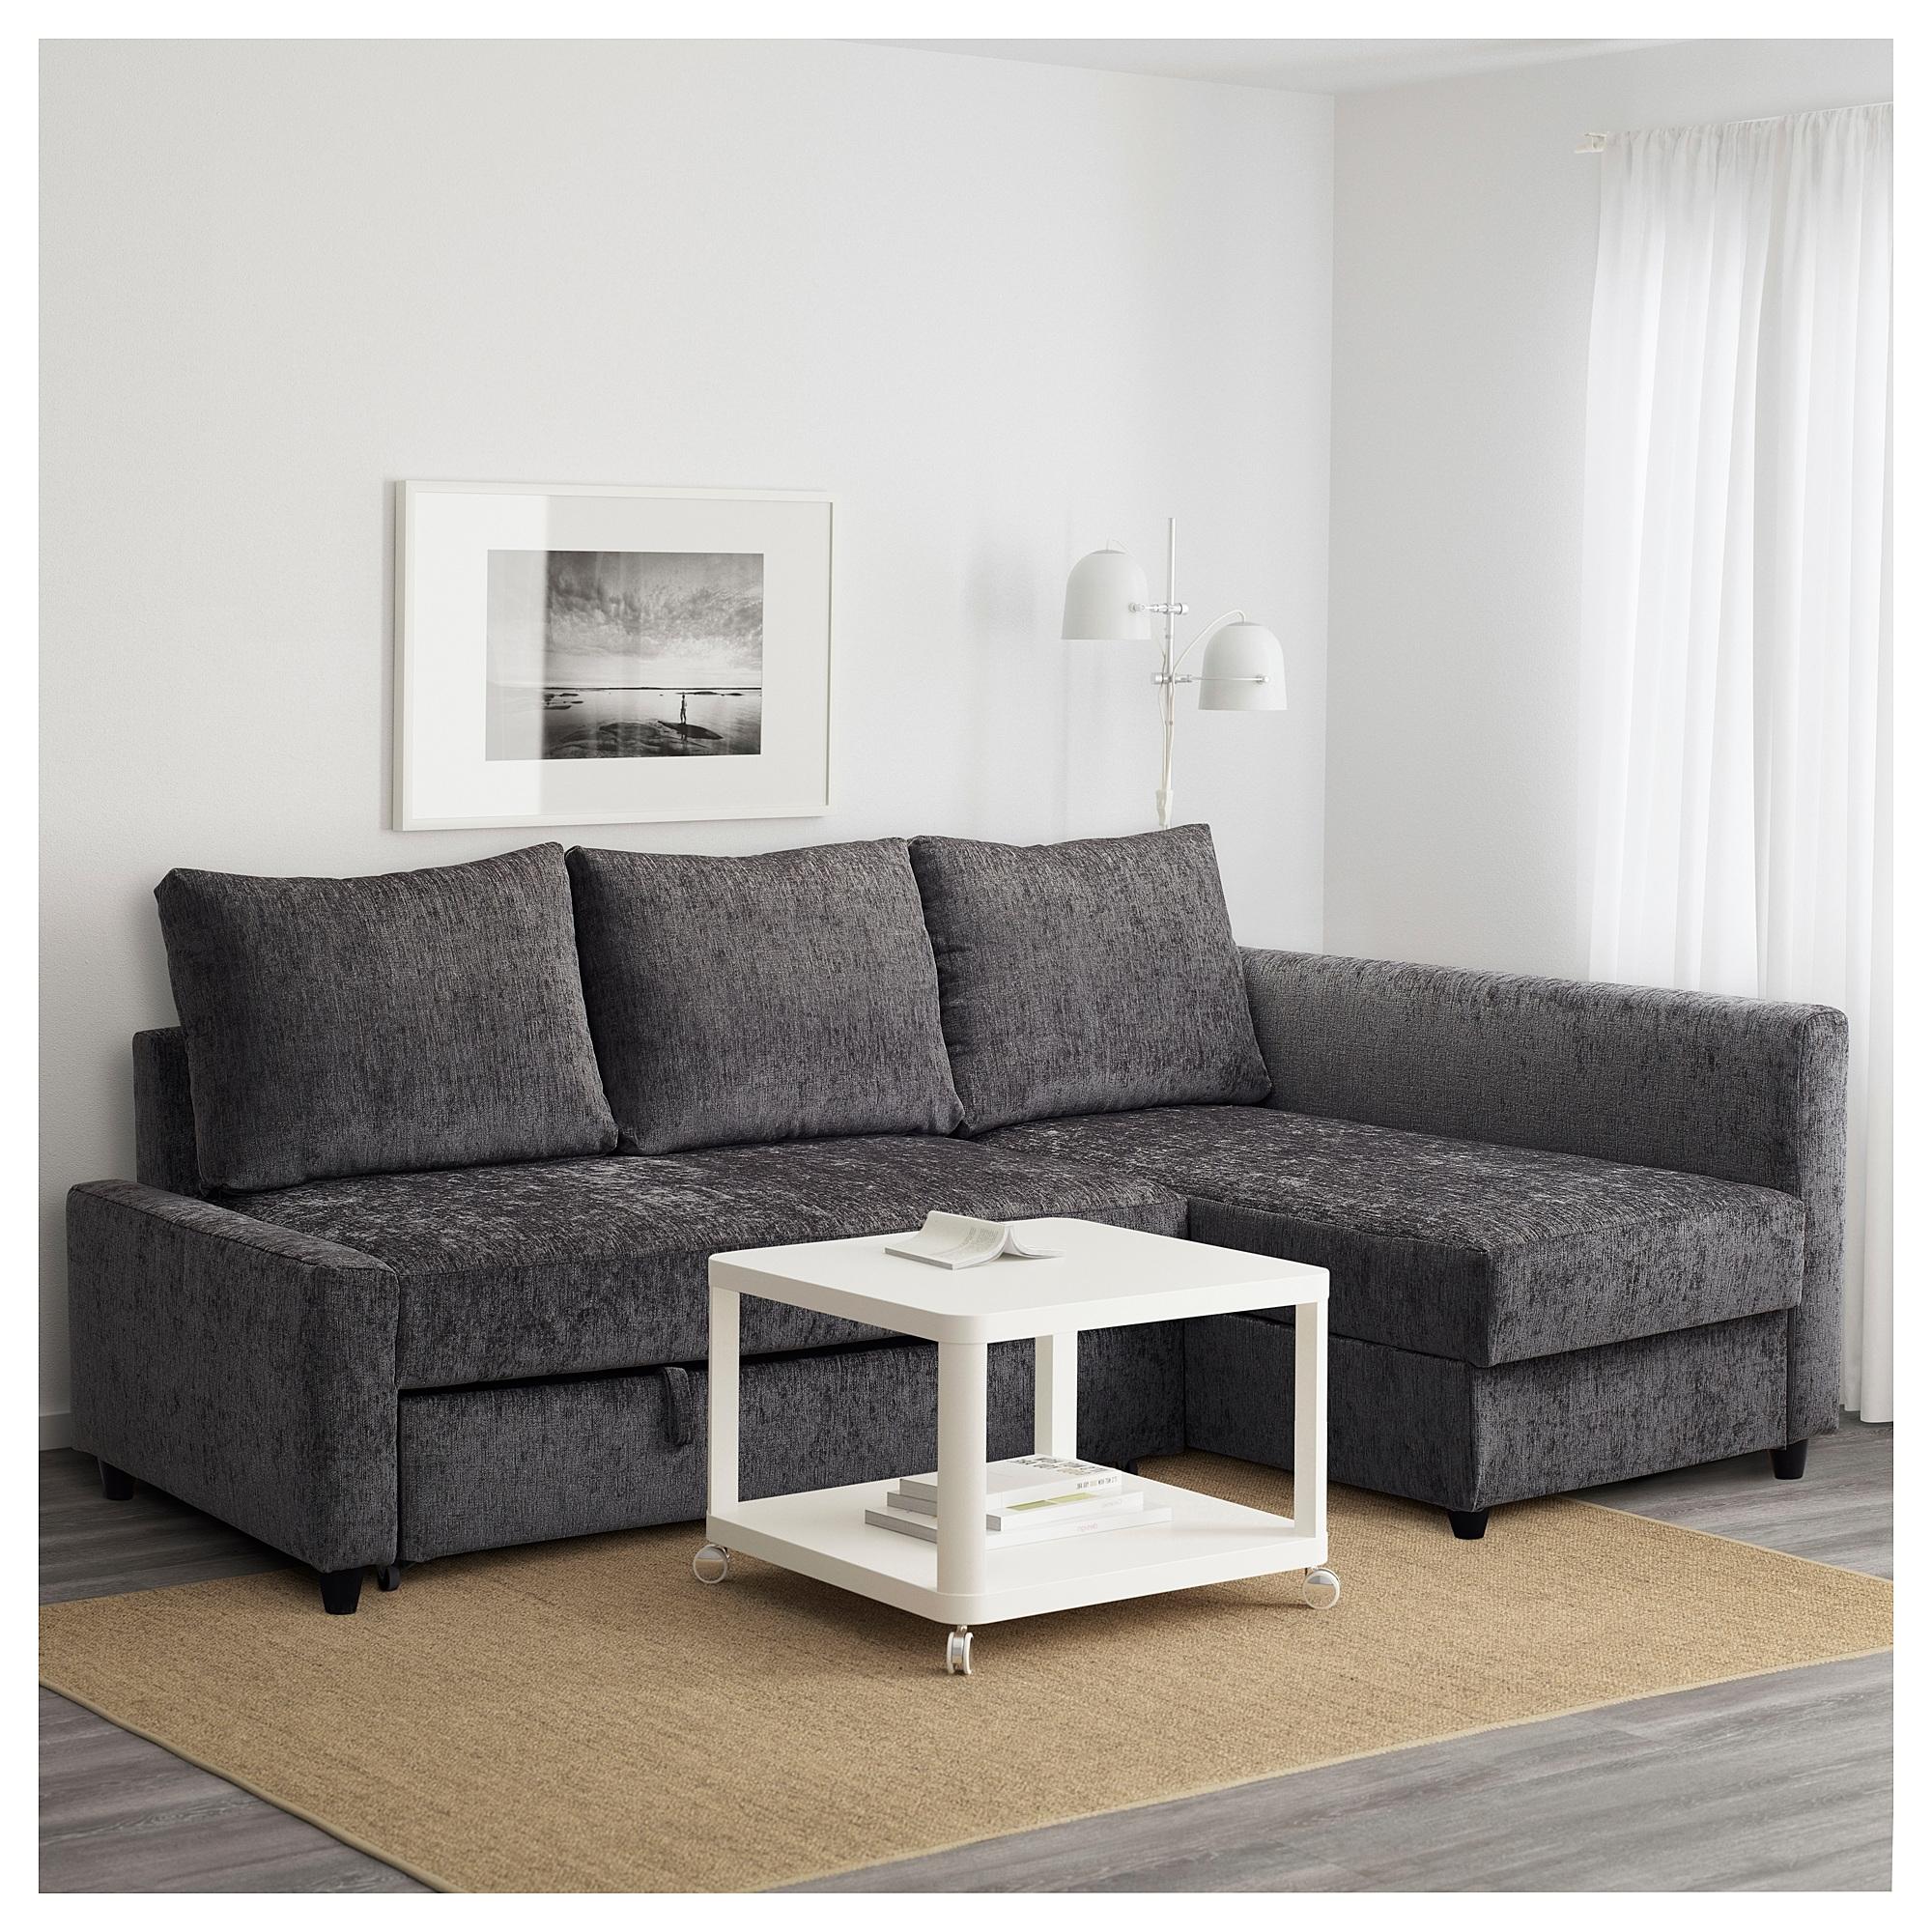 Friheten Corner Sofa Bed With Storage Dark Grey Ikea Throughout Best And Newest